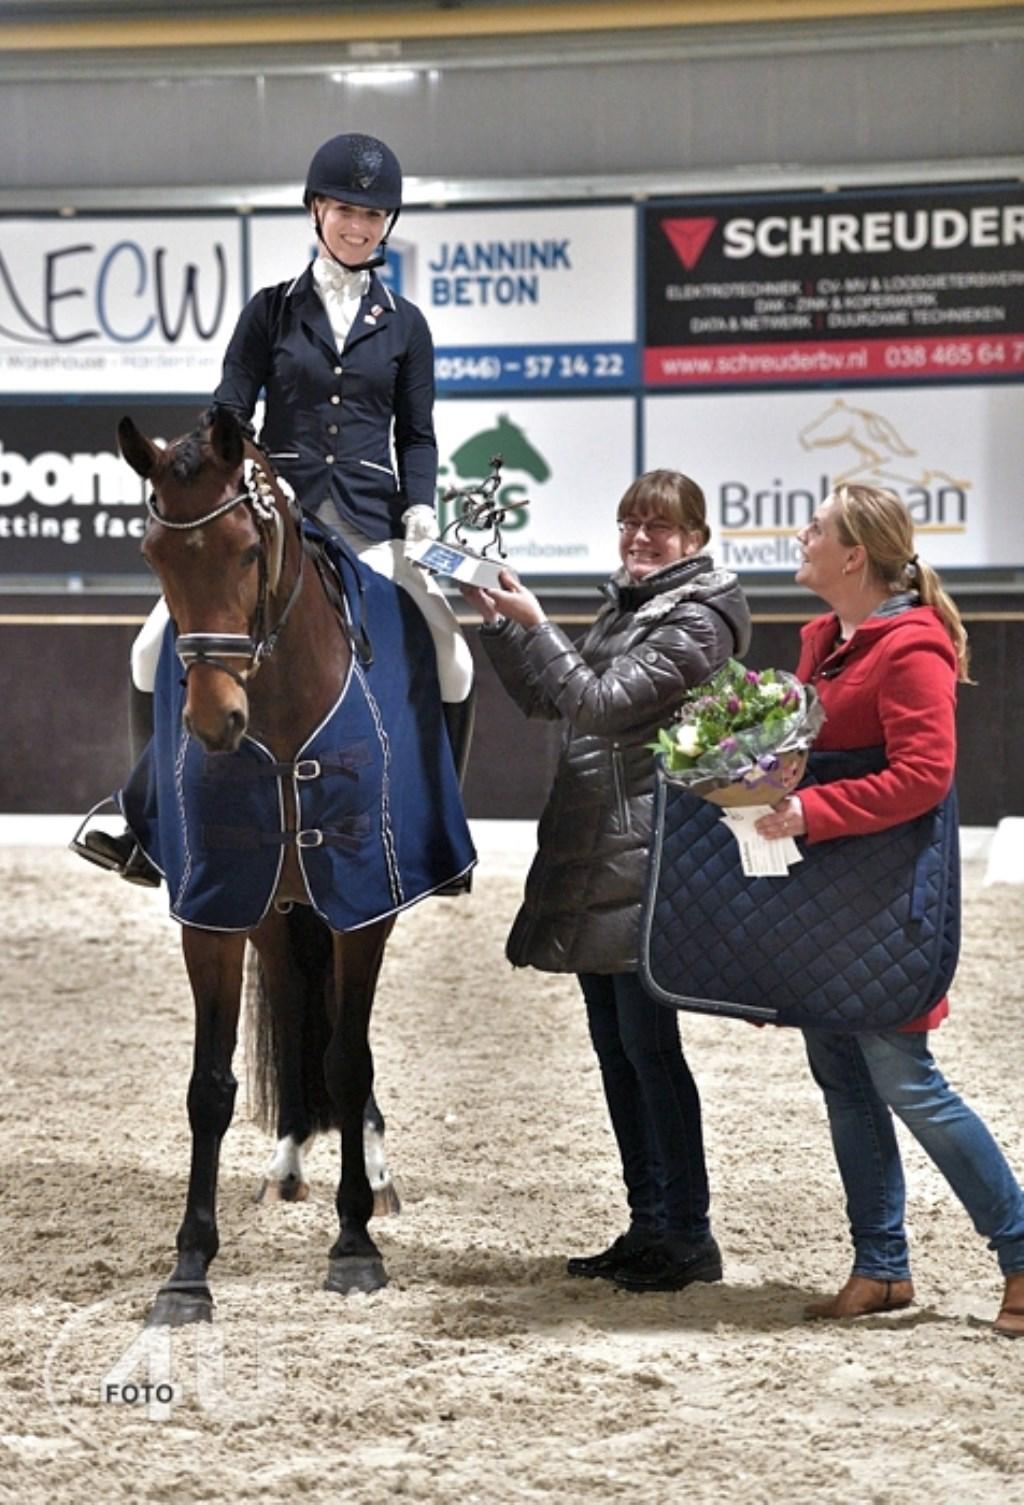 Annelies Lindeboom wint met Hinde in de dressuurcategorie paarden.  © DPG Media